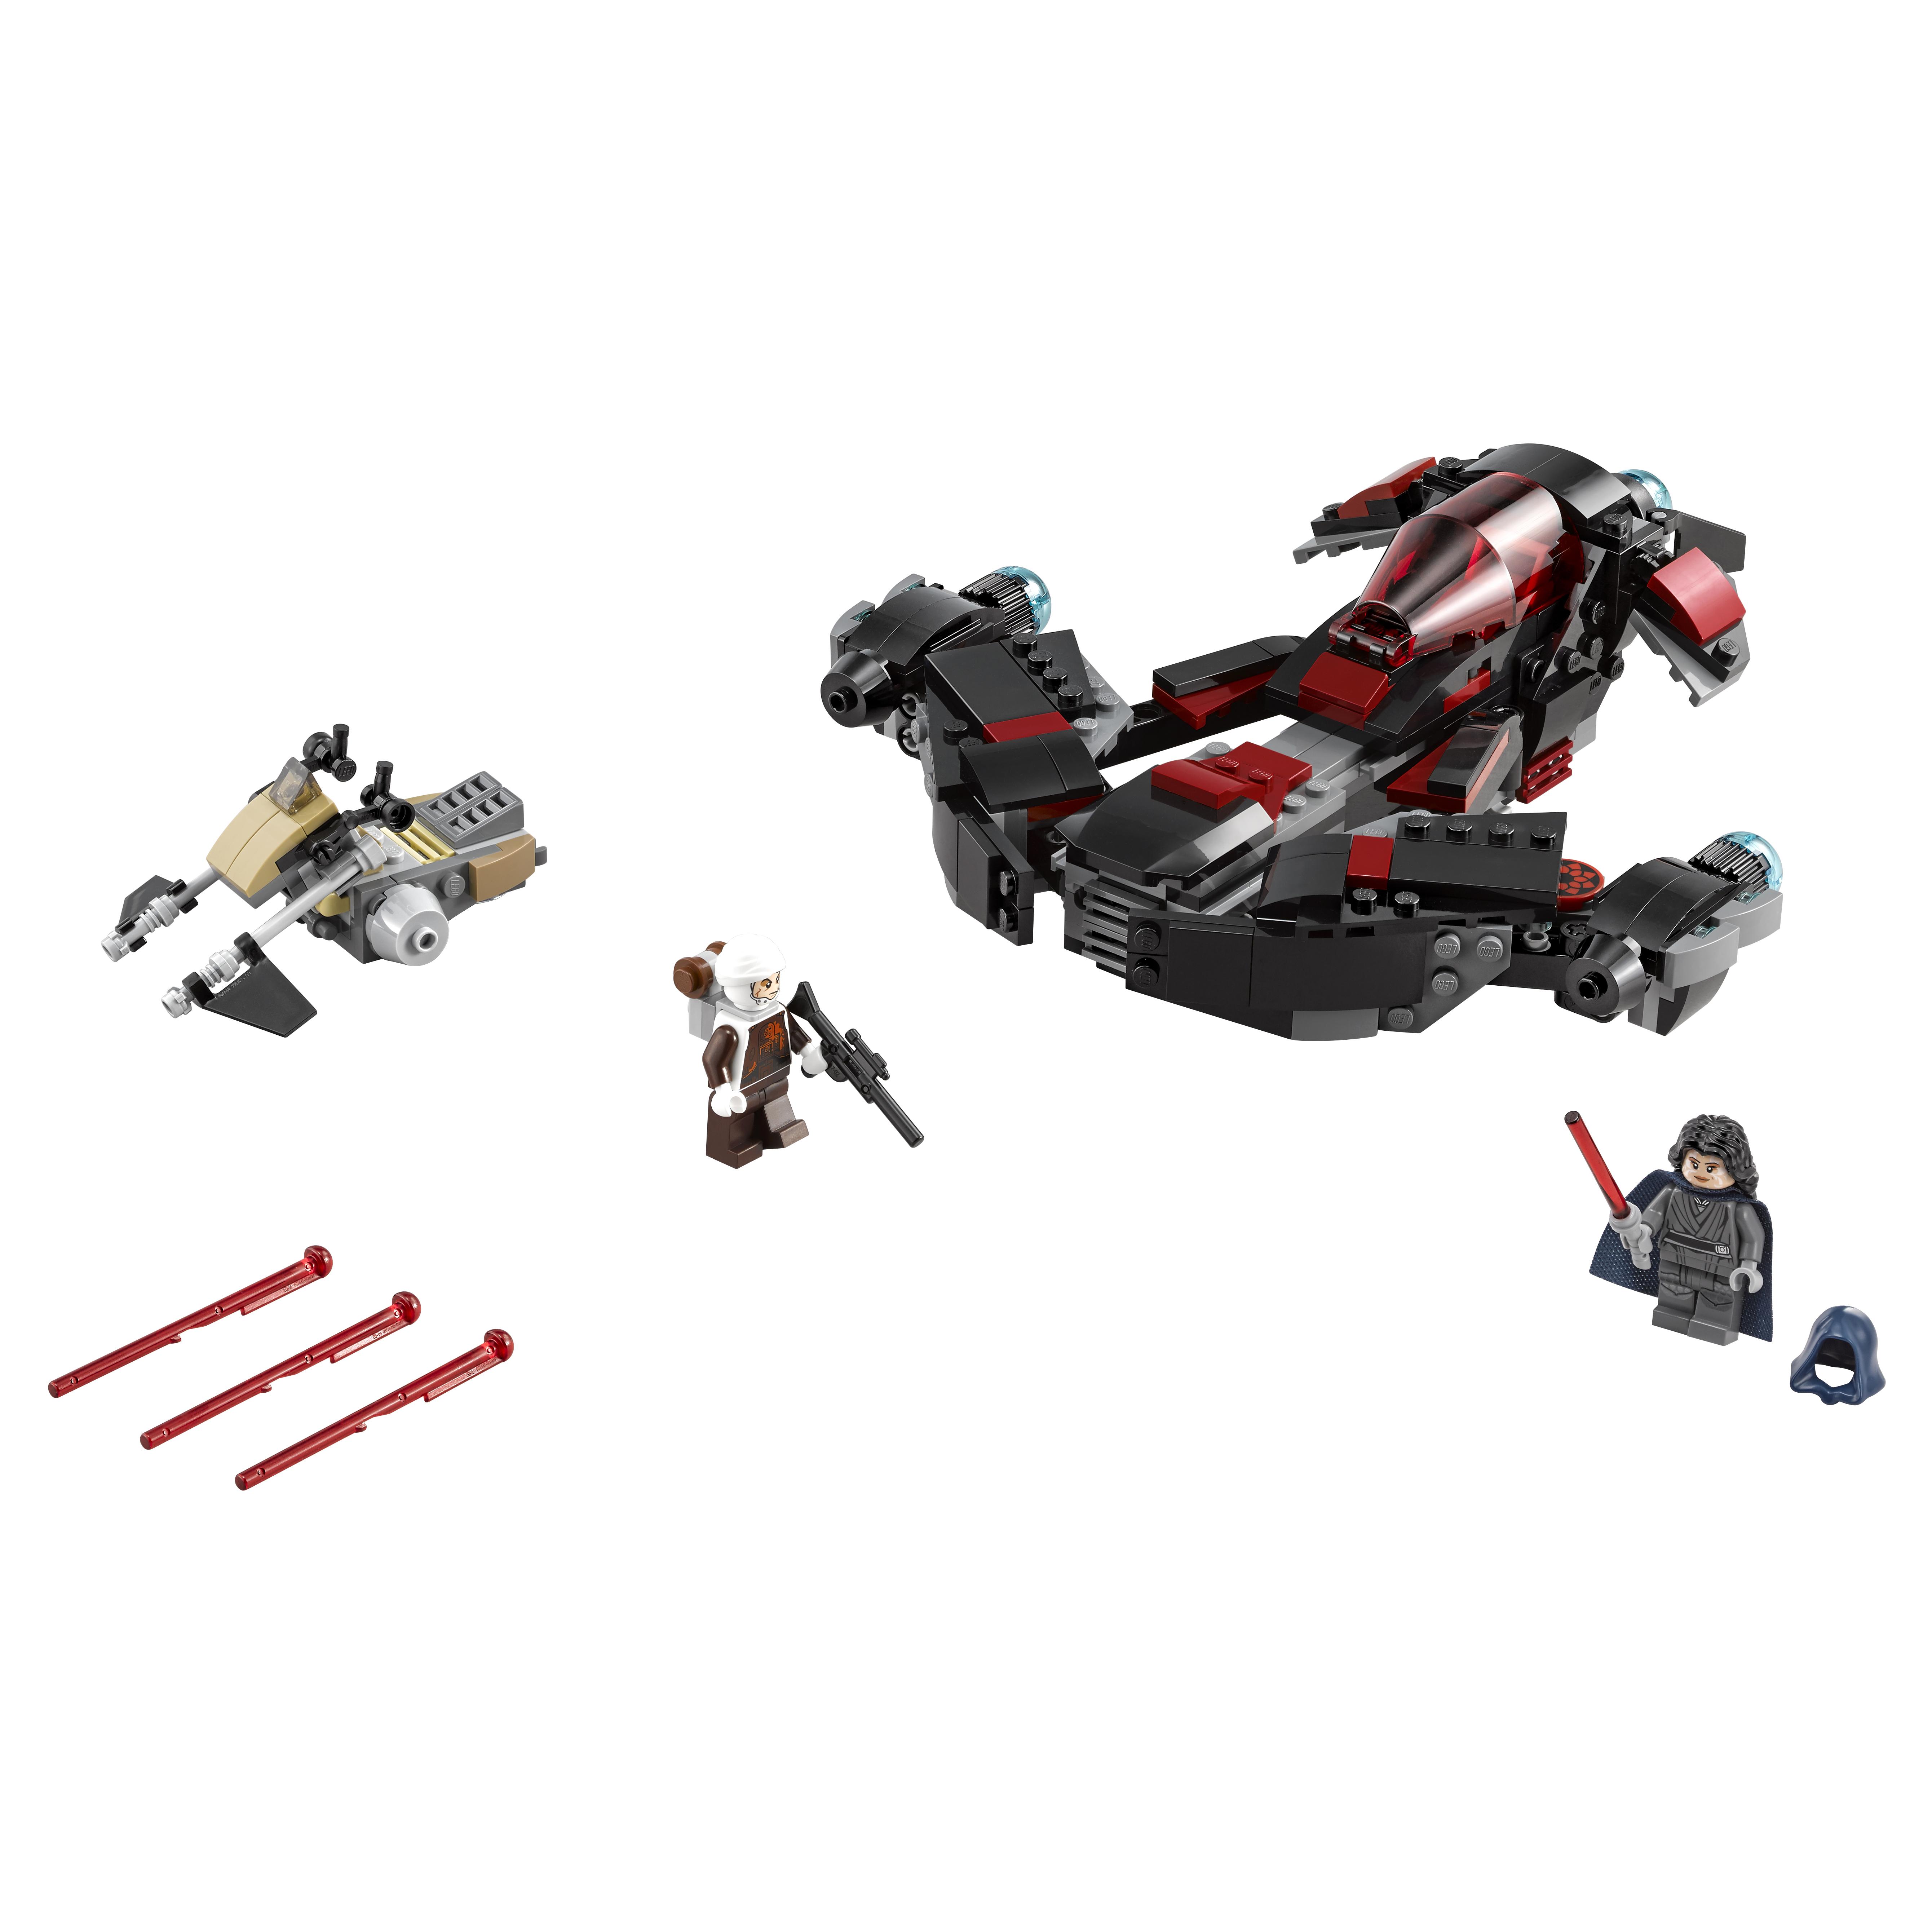 Конструктор LEGO Star Wars Истребитель Затмения (75145) конструктор lego star wars истребитель затмения 75145